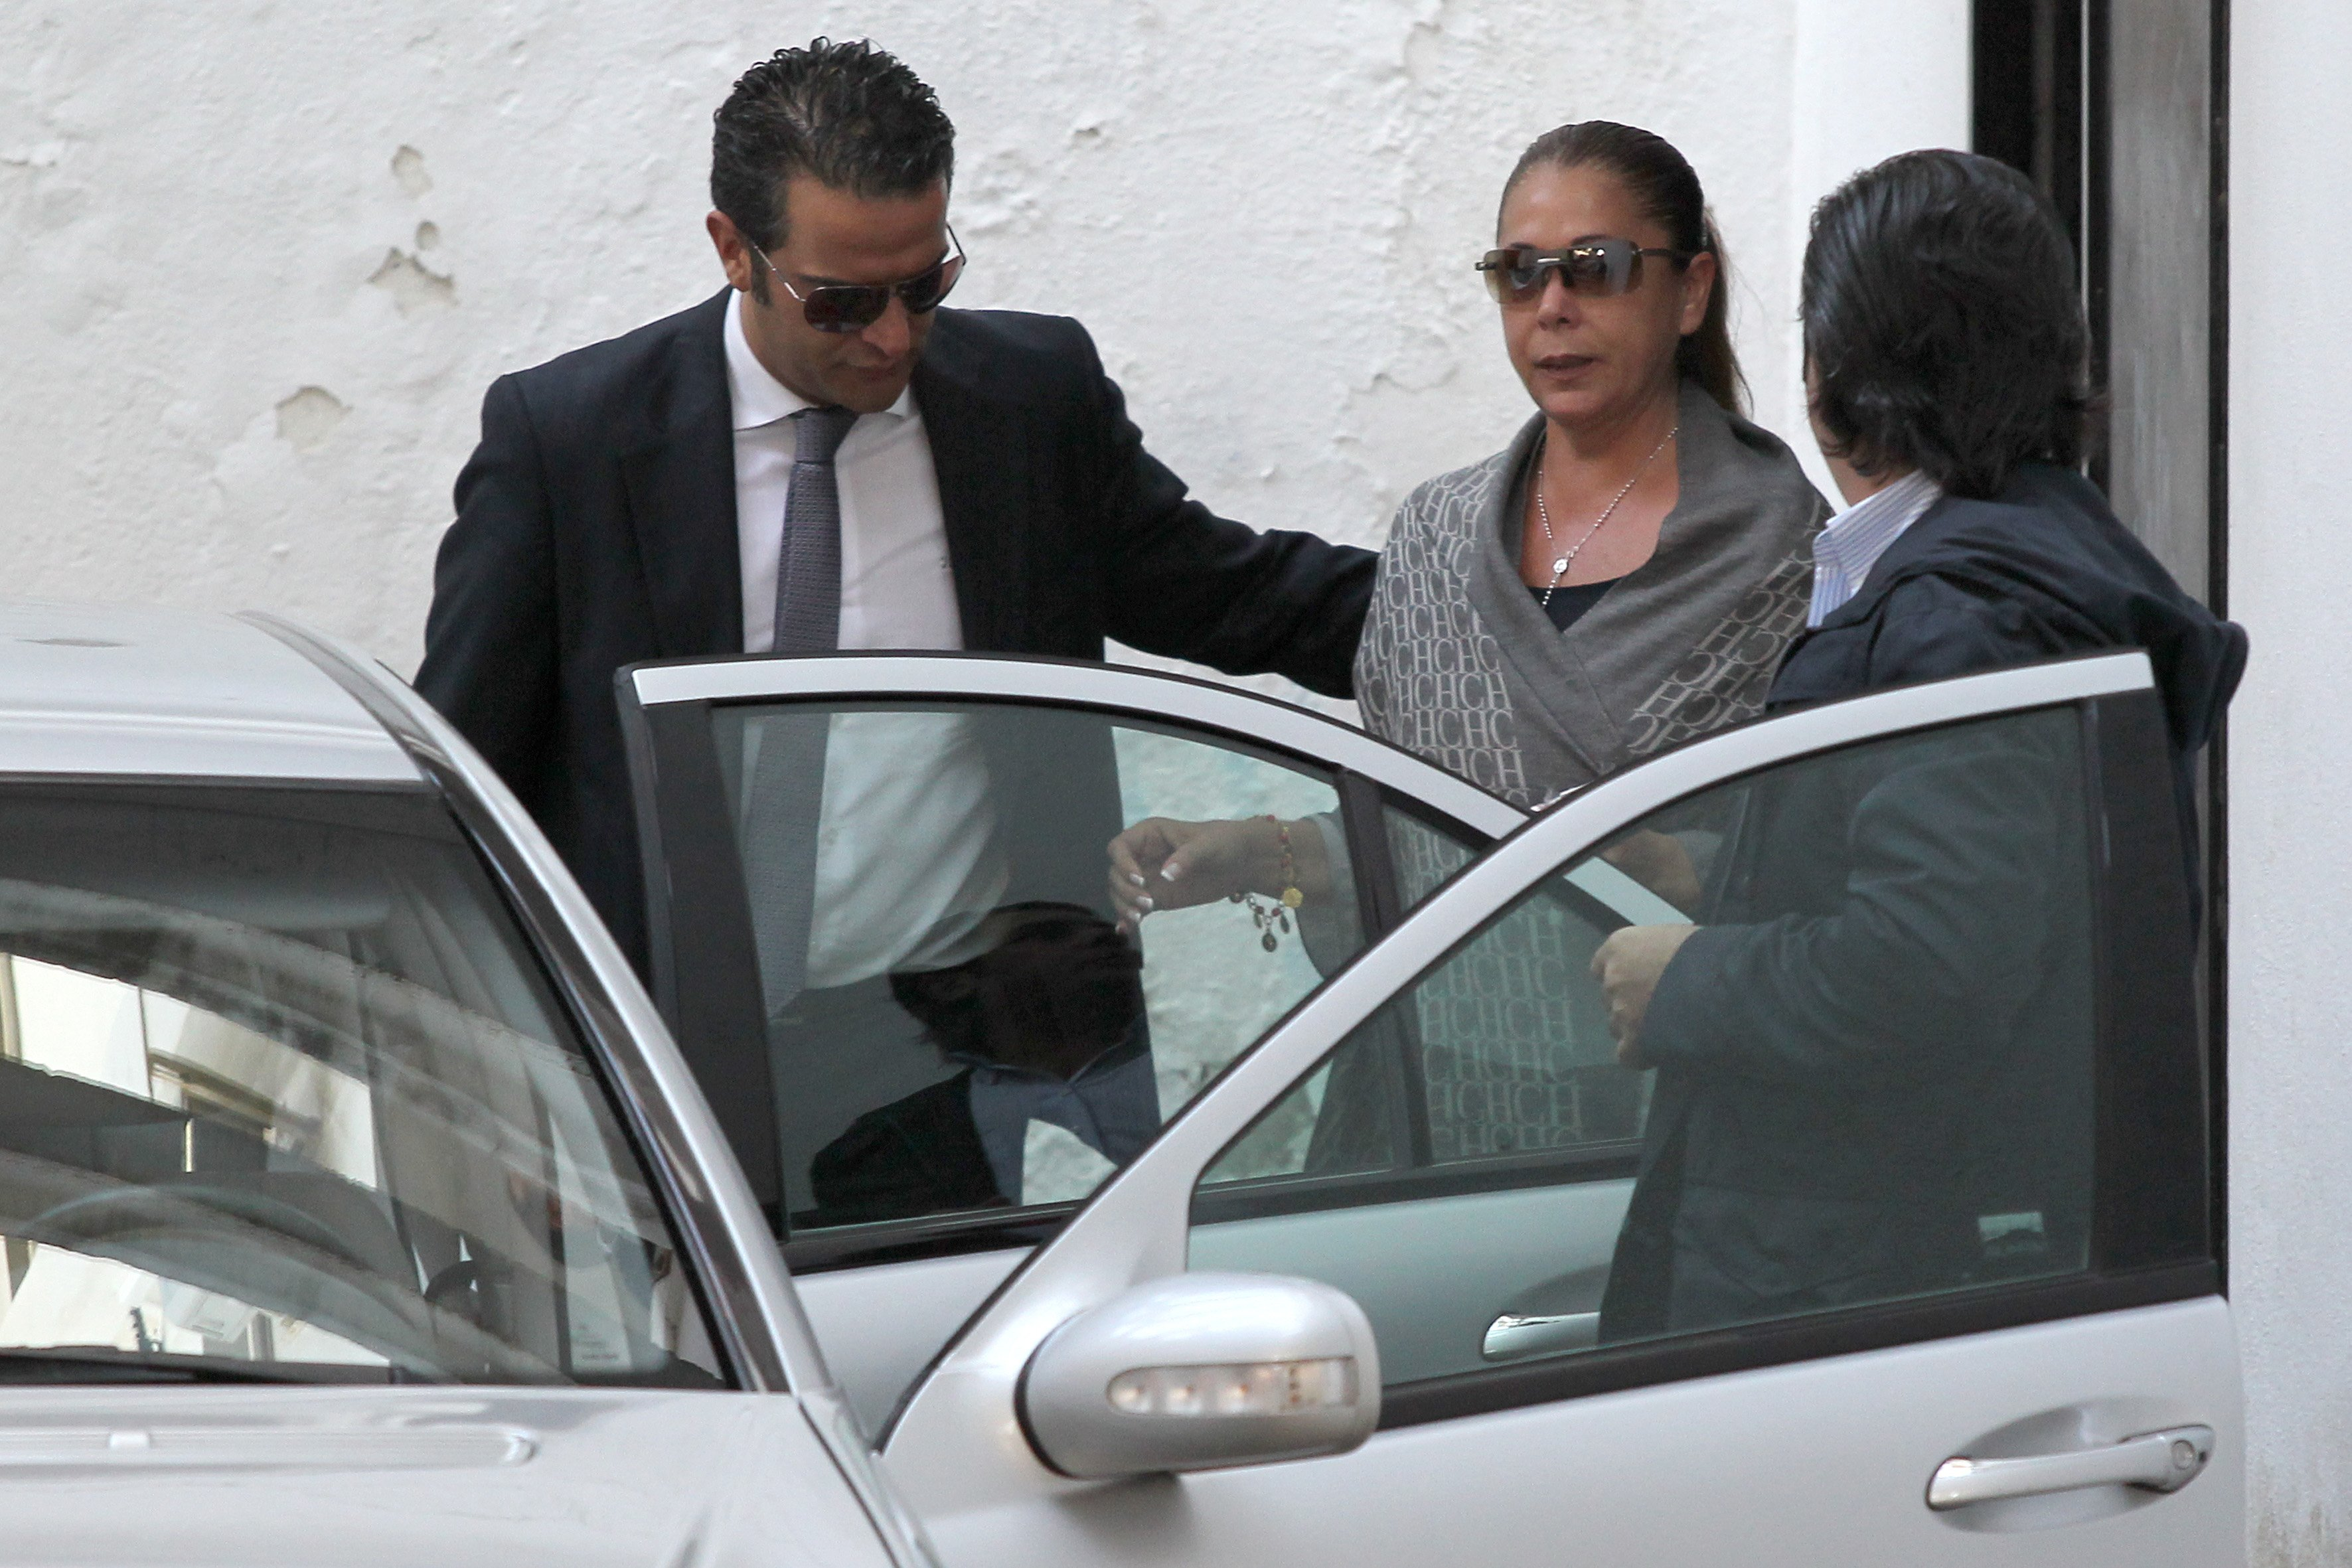 Isabel Pantoja asiste al juicio de corrupción por caso Malaya | Fuente: Getty Images